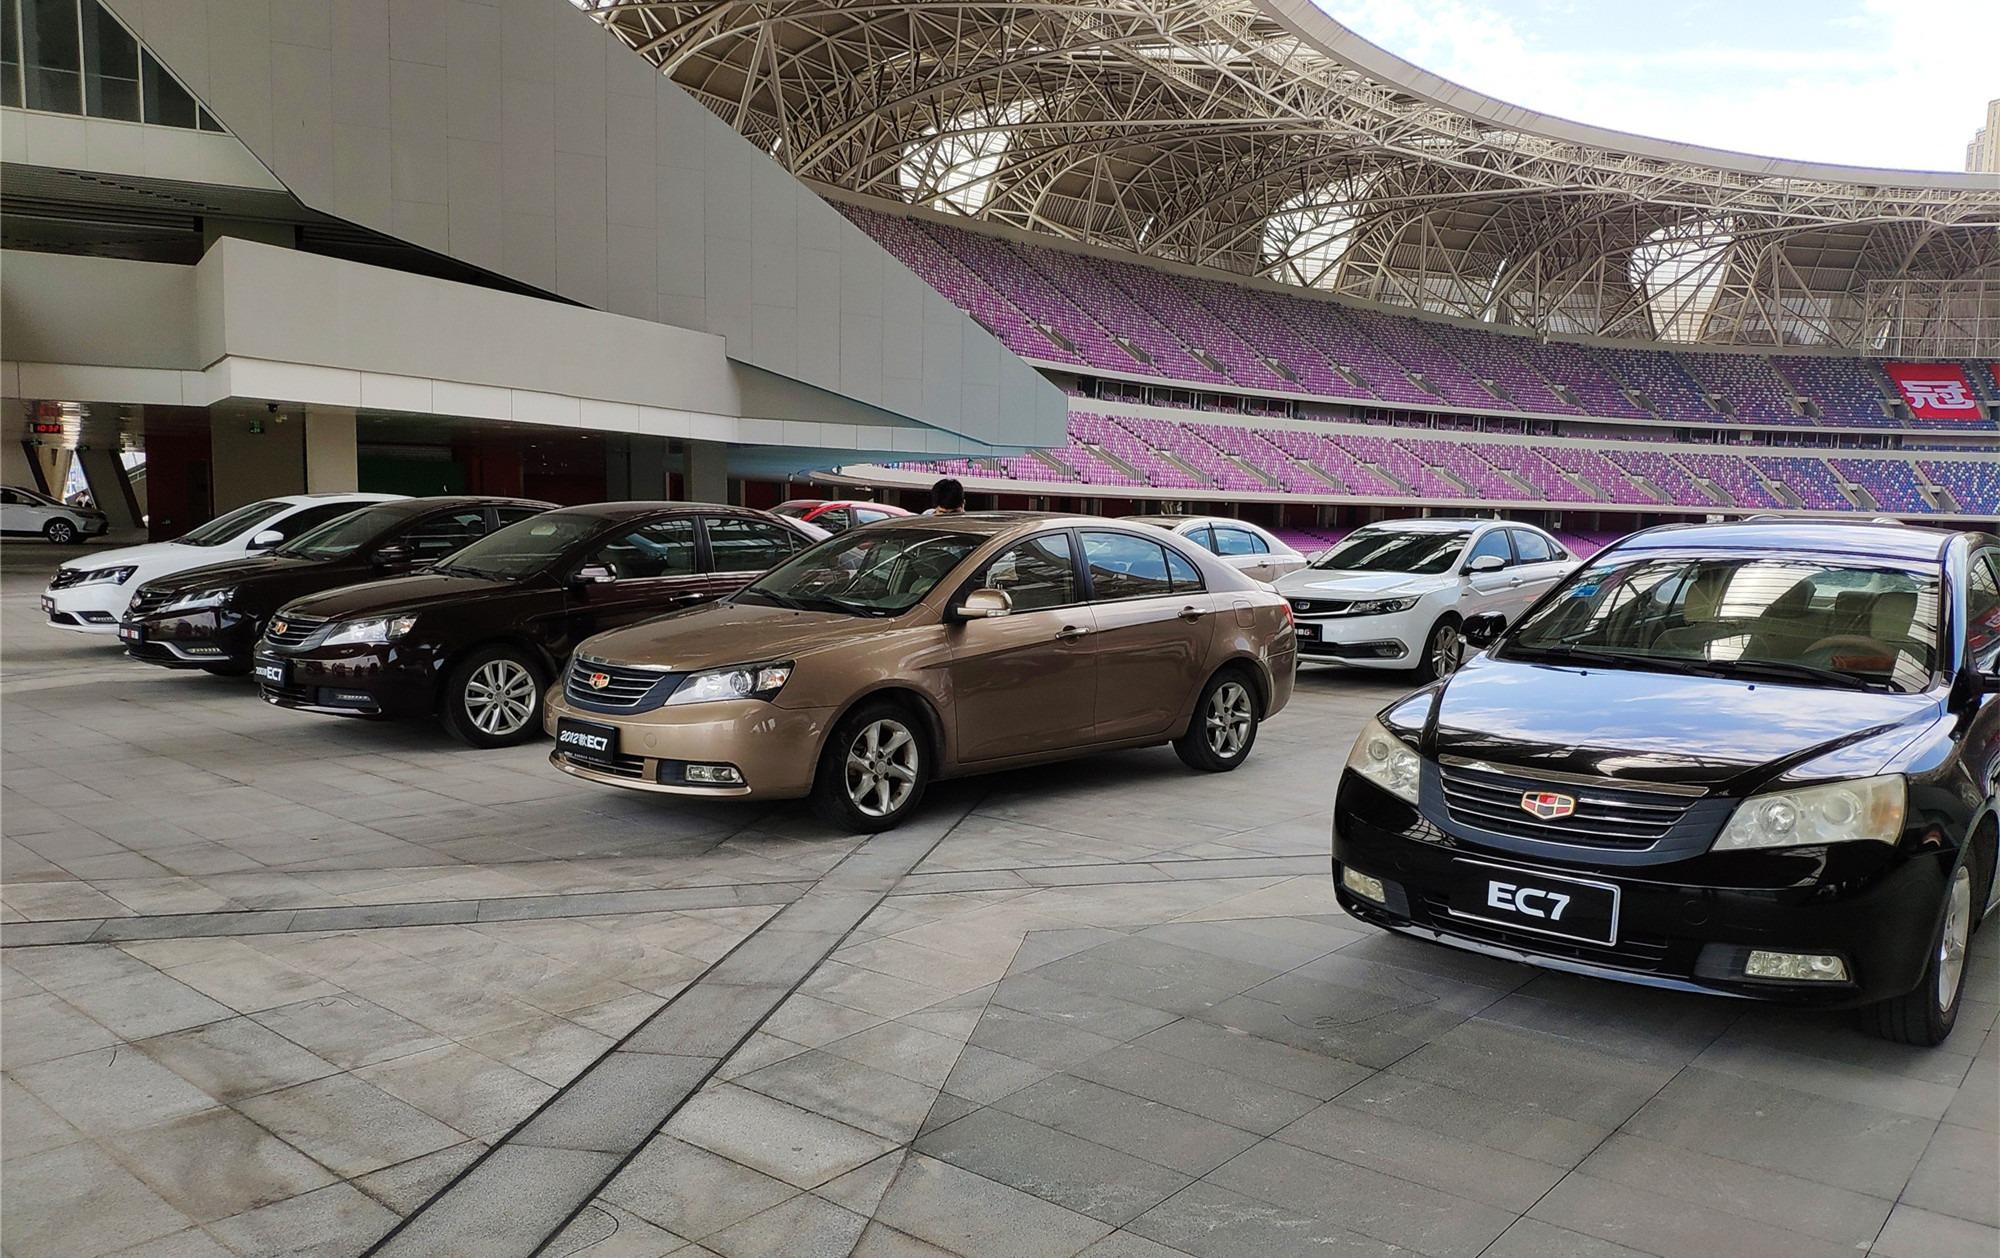 吉利帝豪家族推新款,全系国六,增1.5T车型和L2辅助驾驶系统